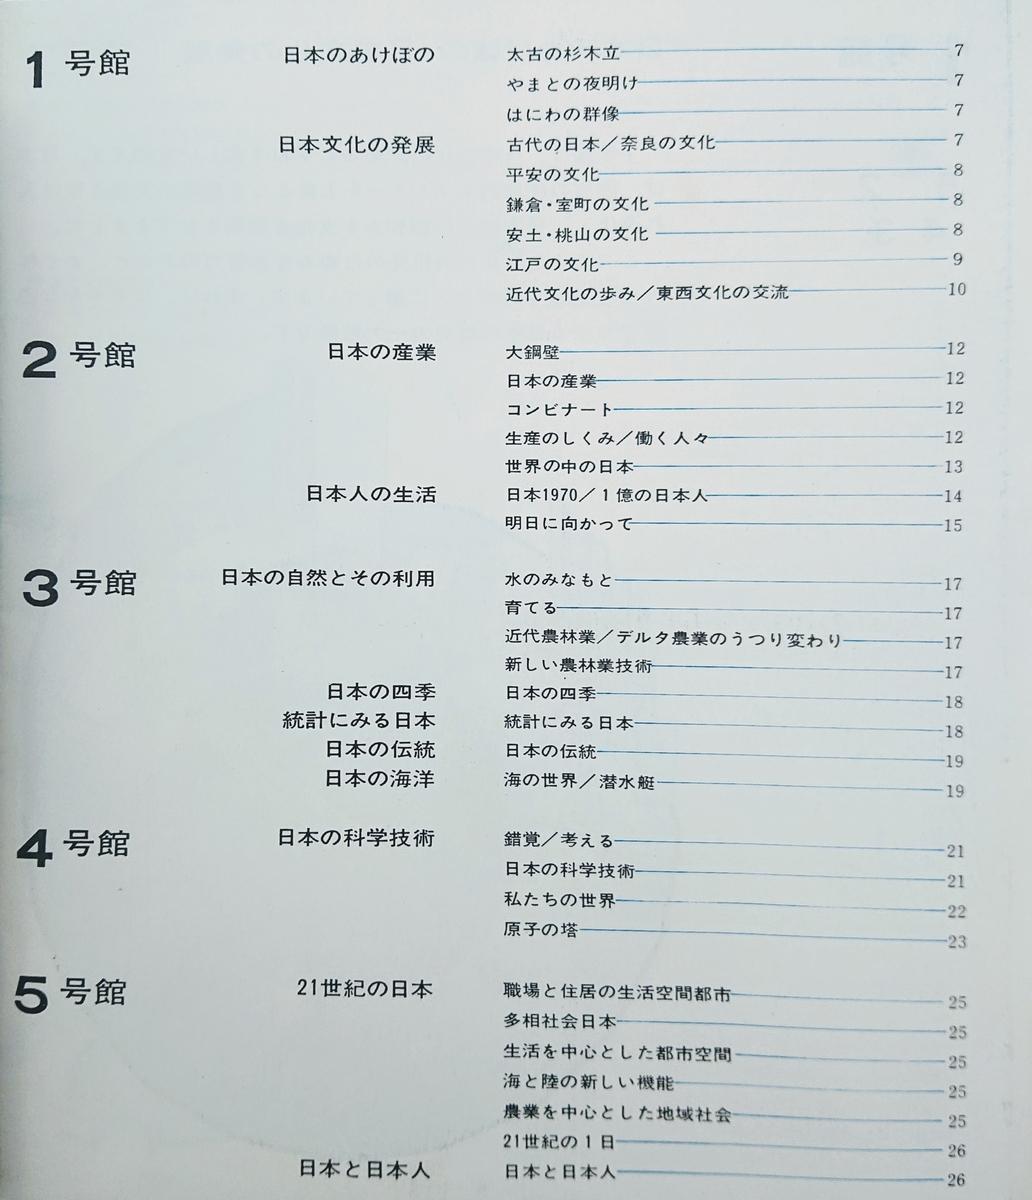 f:id:Kaimotu_Hatuji:20200517153204j:plain